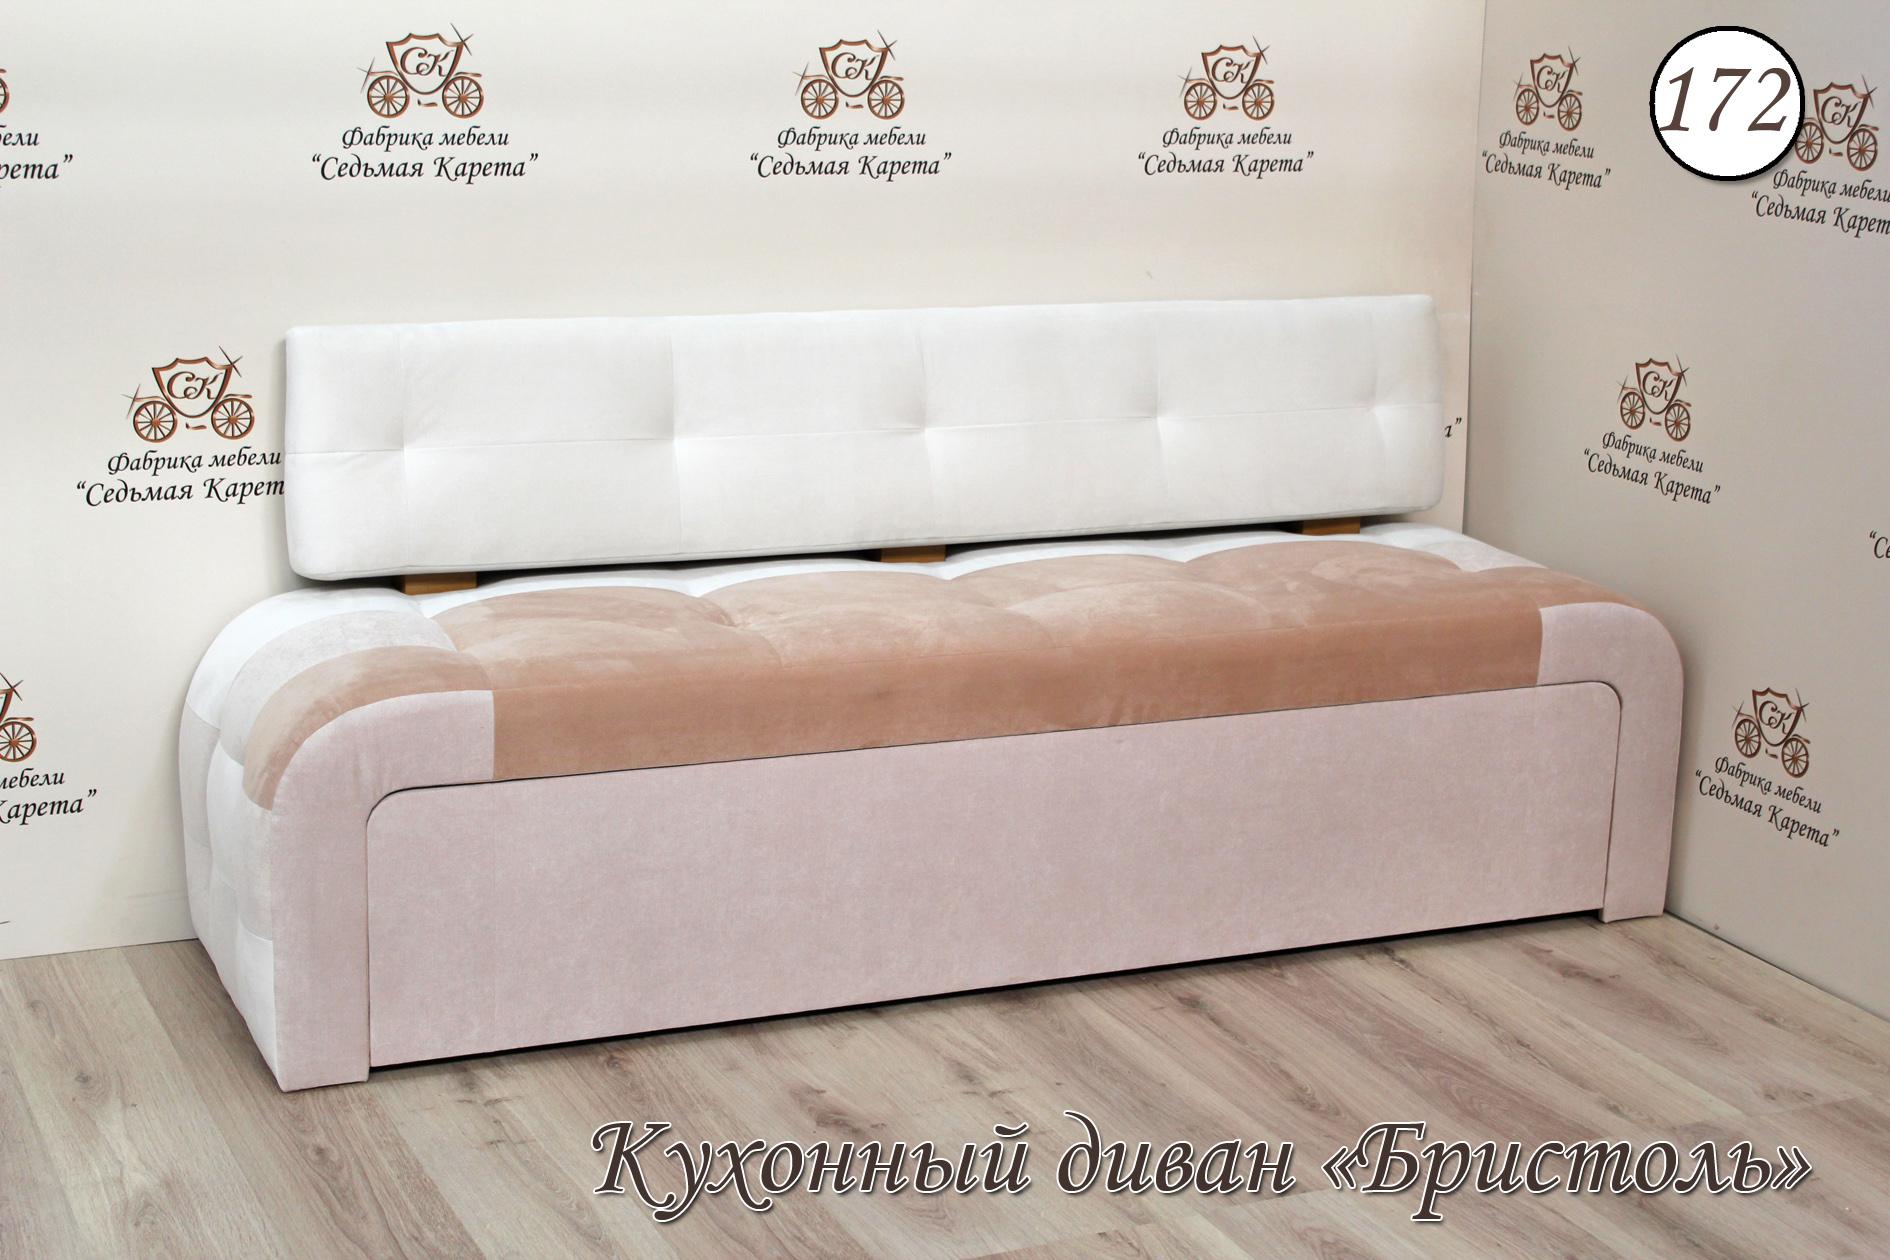 Кухонный диван Бристоль-172